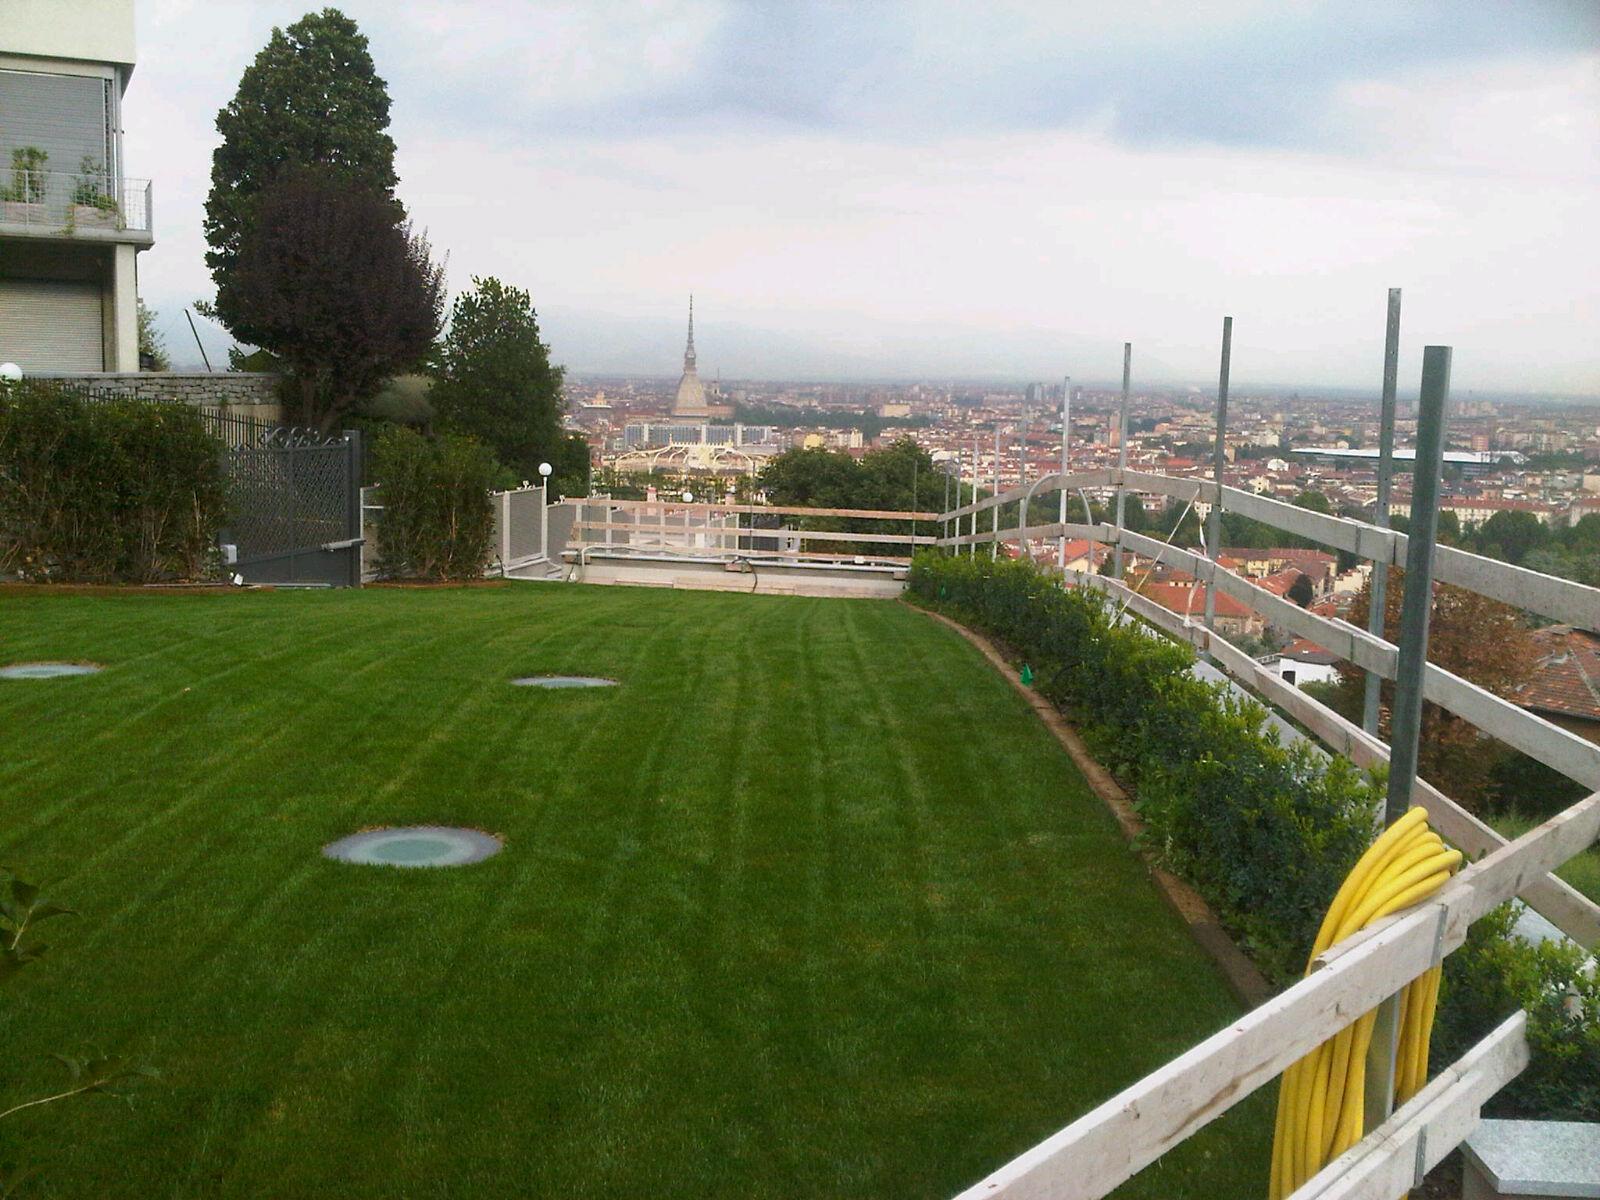 Rostaflor progettazione e realizzazione di giardini pensili for Progettazione giardini pensili